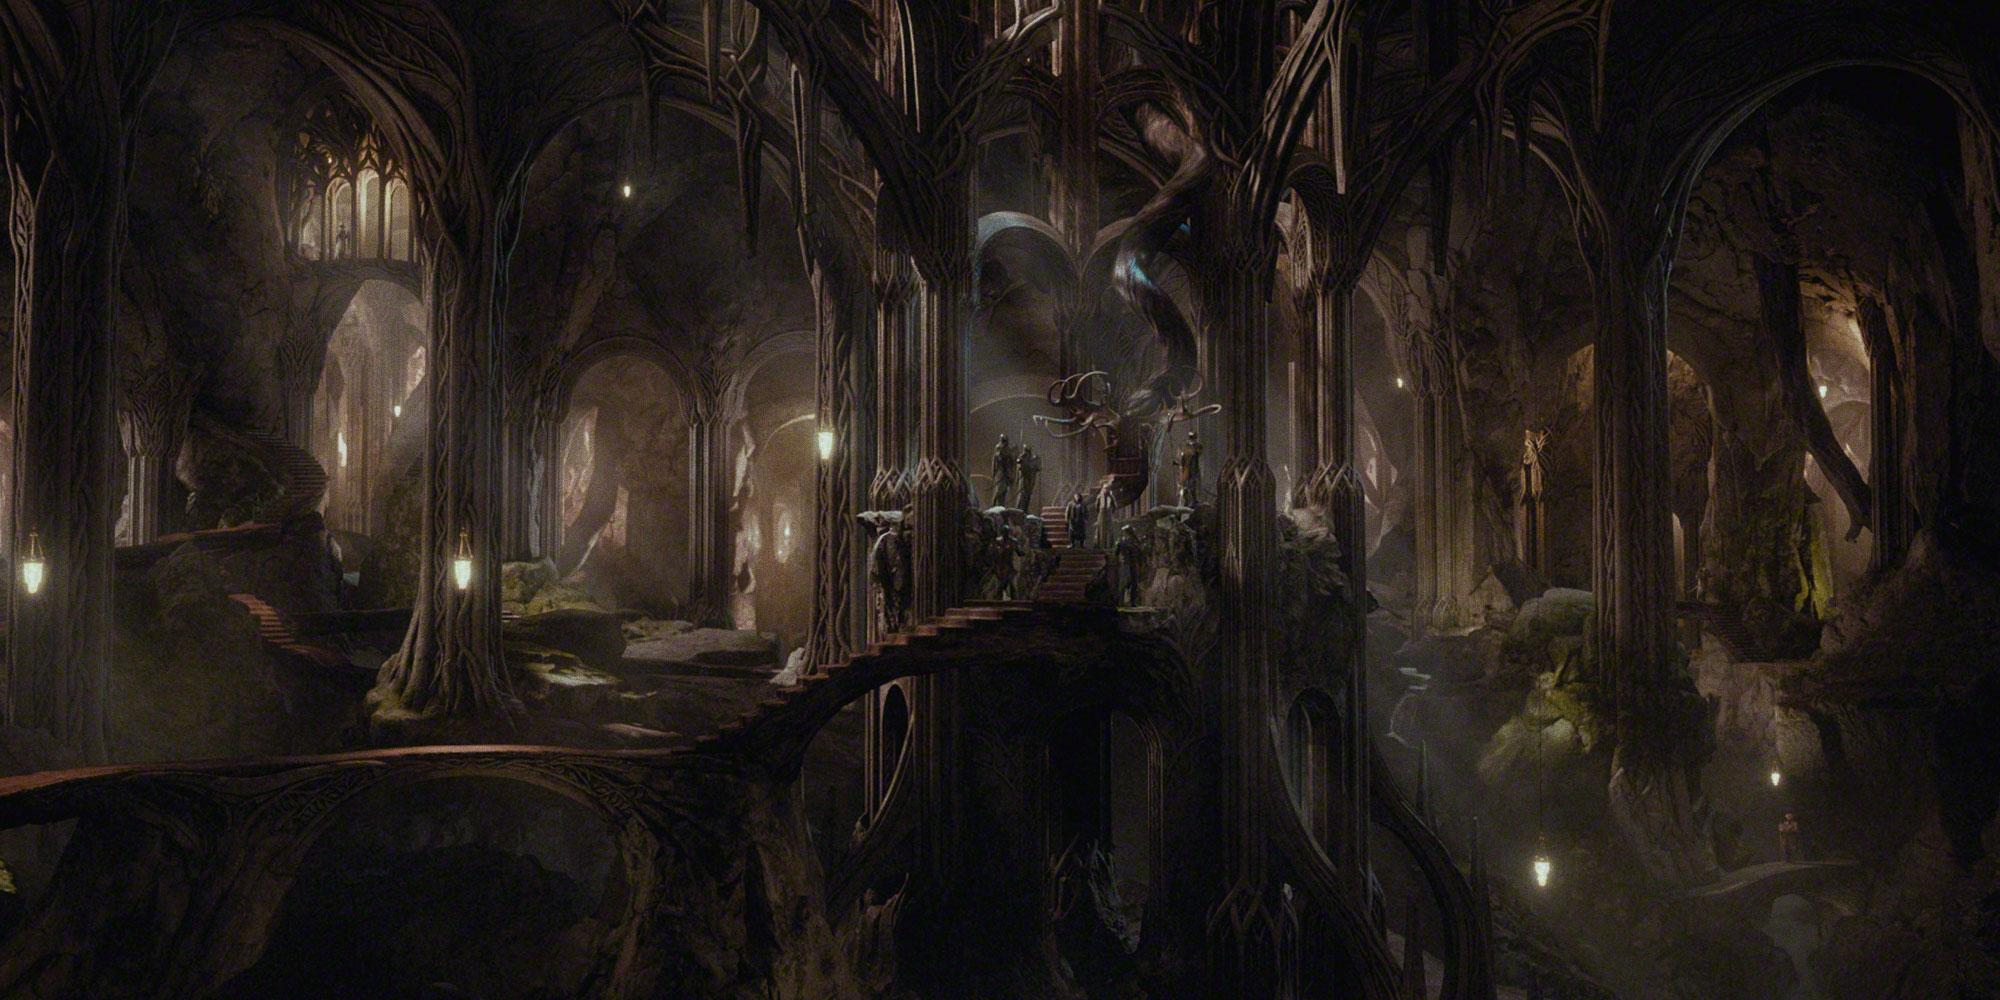 Halls_of_Thranduil_-_Interior.jpg